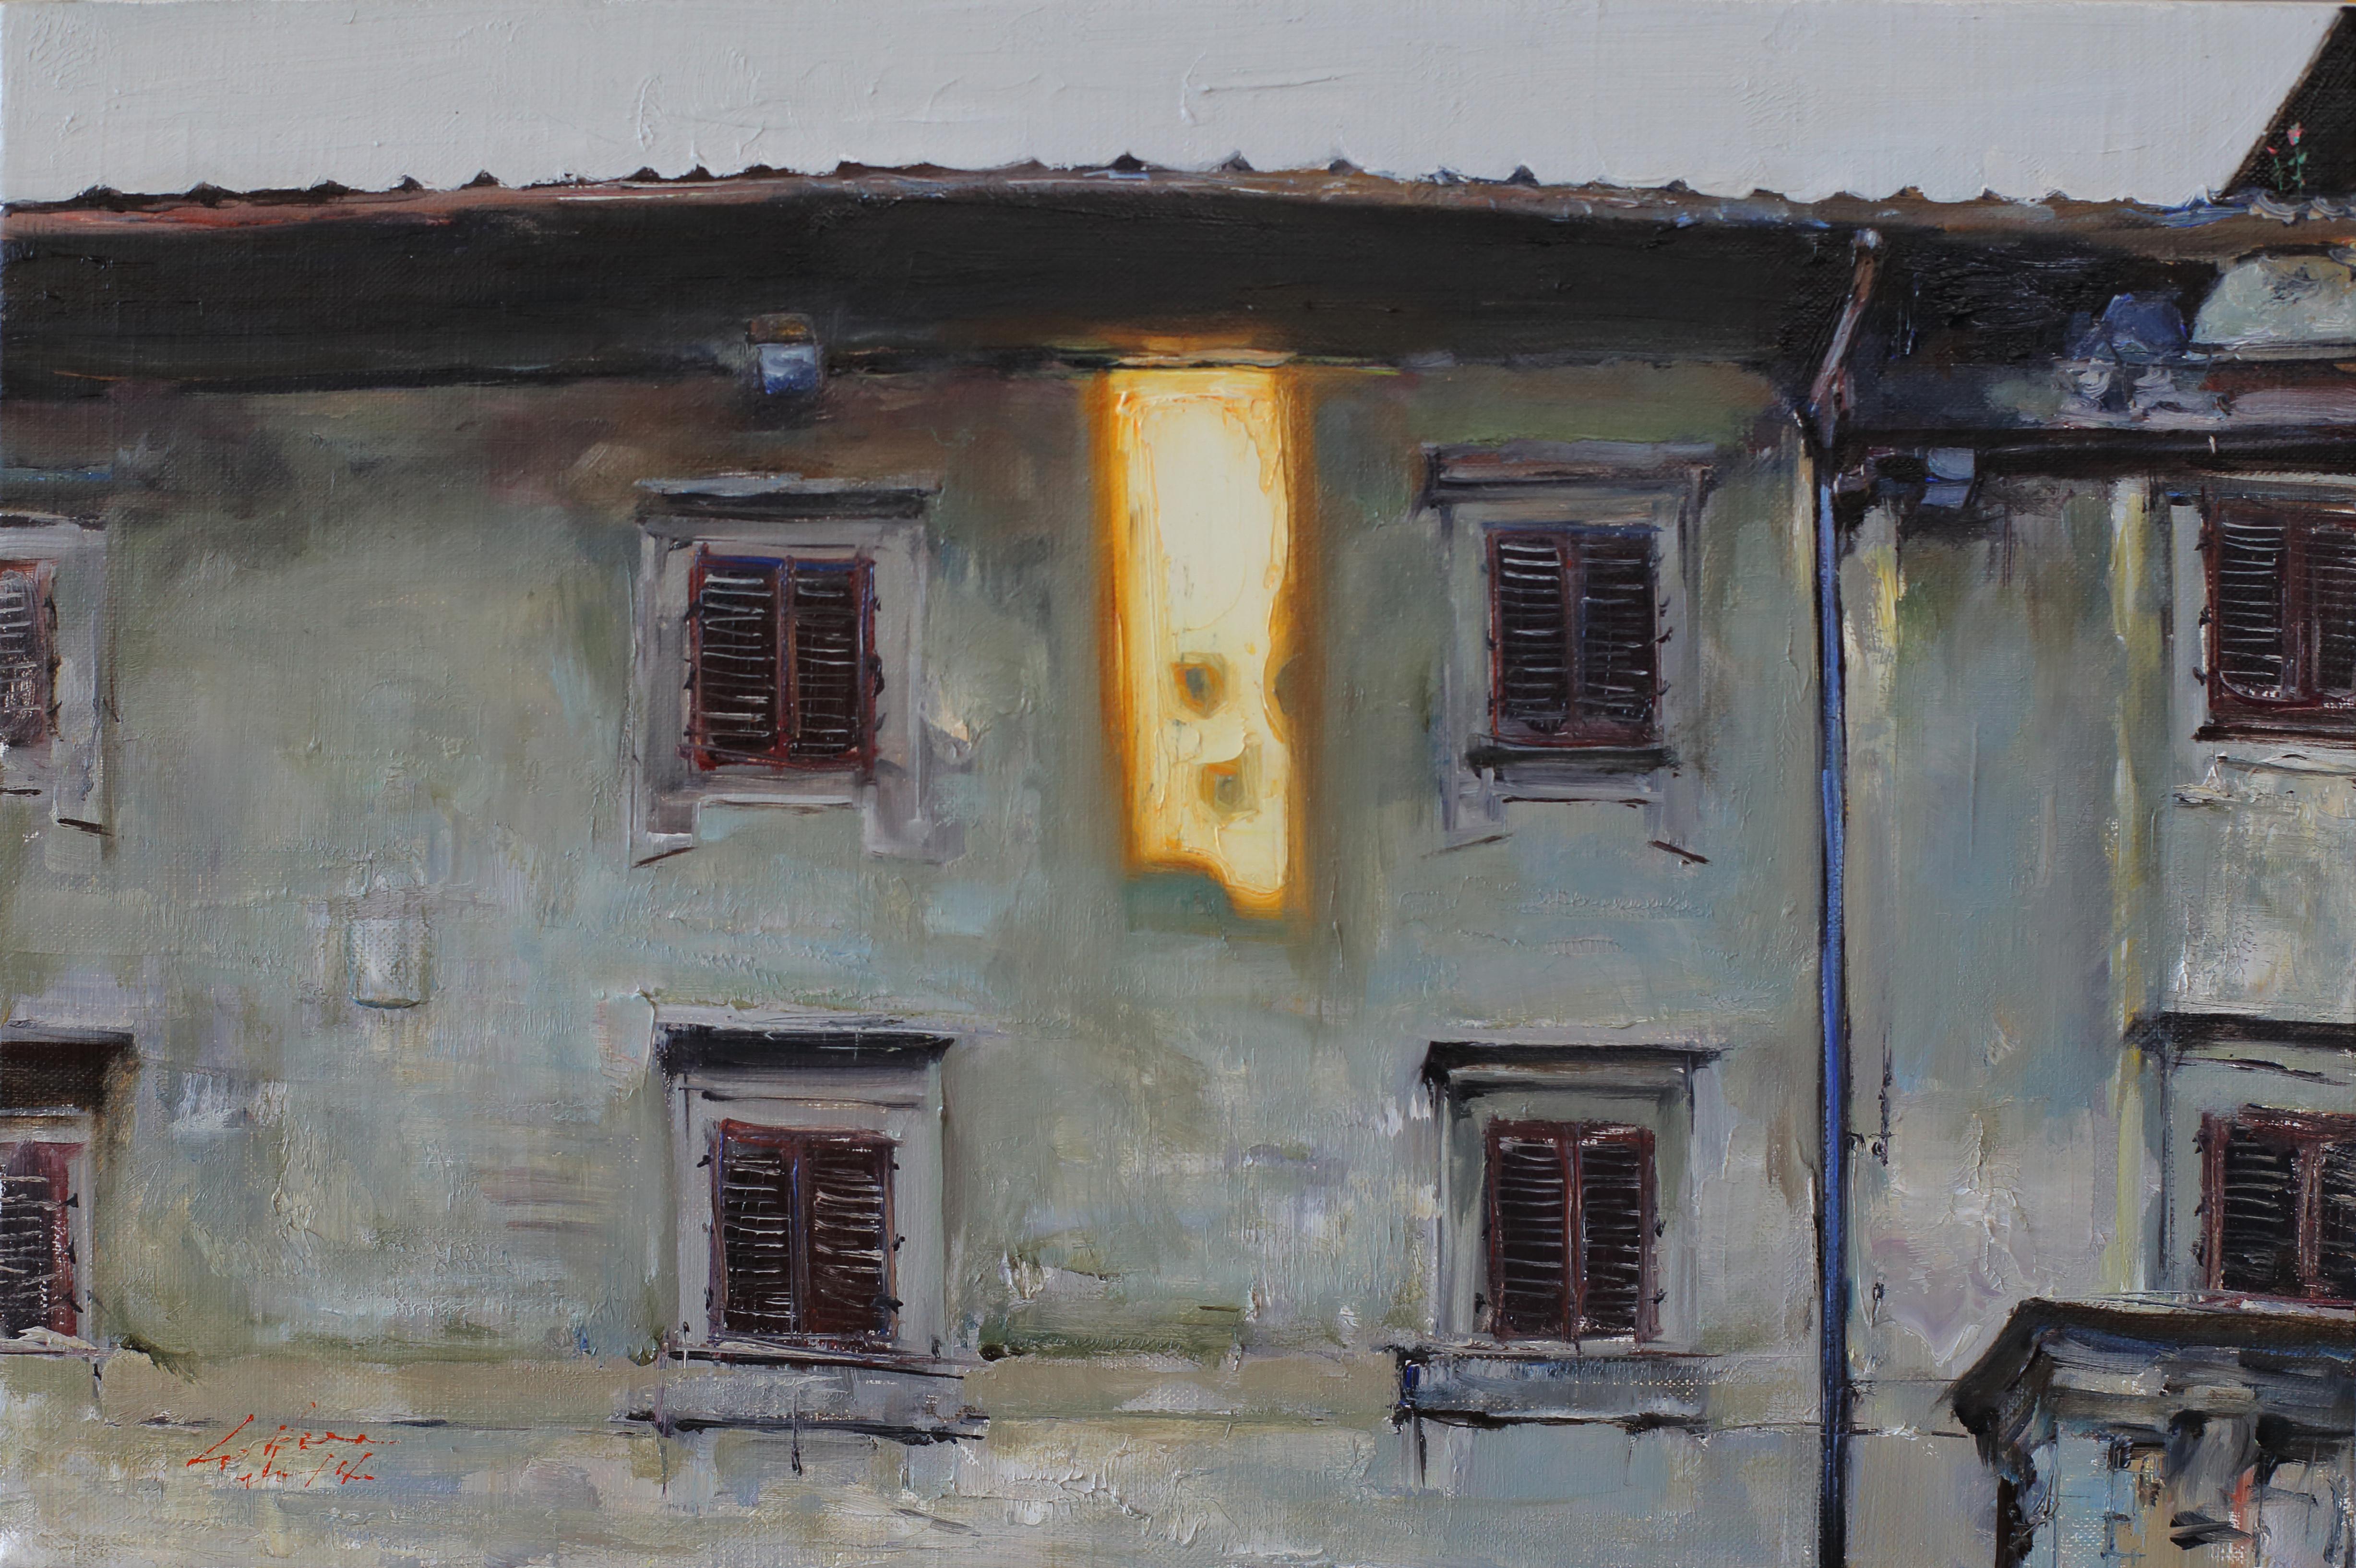 빛조각 40.9x27.3 Oil on canvas 2014